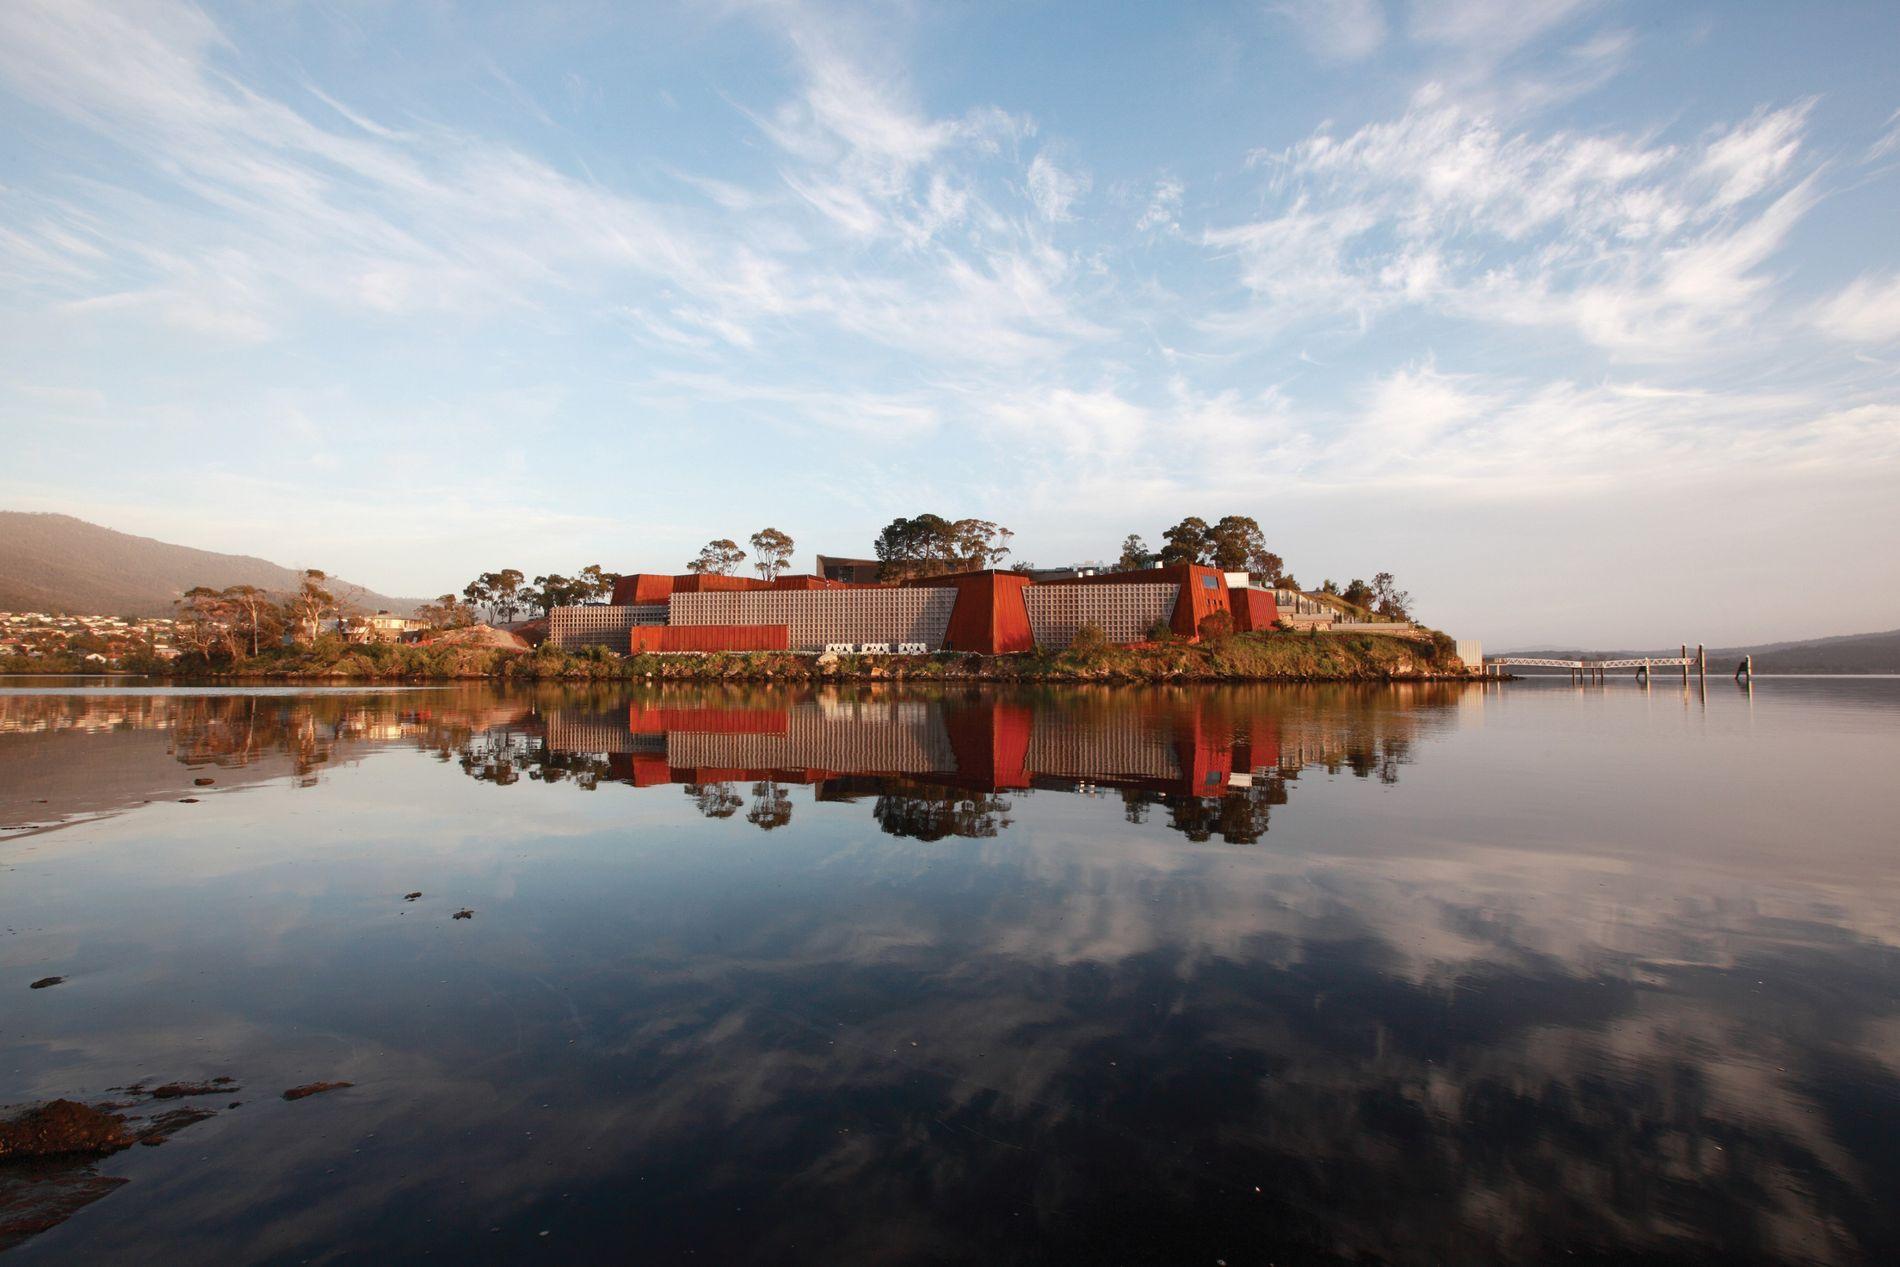 Das Museum of Old and New Art (MONA) befindet sich in Hobart, der Hauptstadt Tasmaniens.